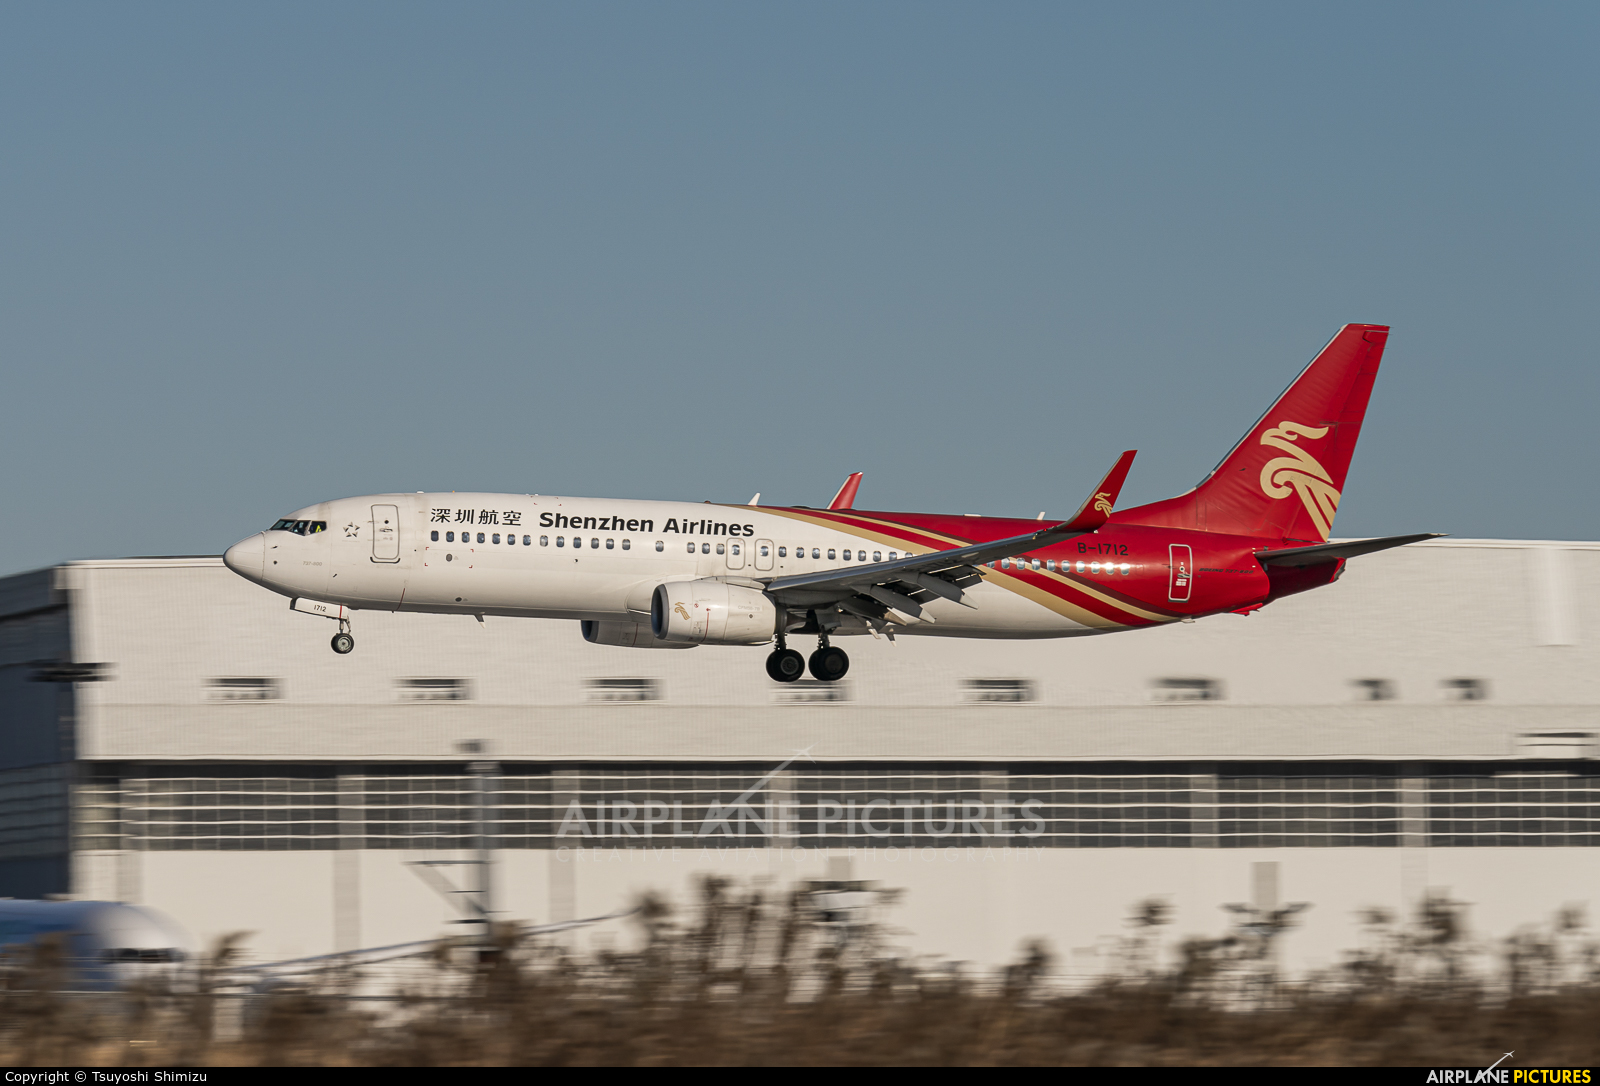 Shenzhen Airlines B-1712 aircraft at Tokyo - Narita Intl